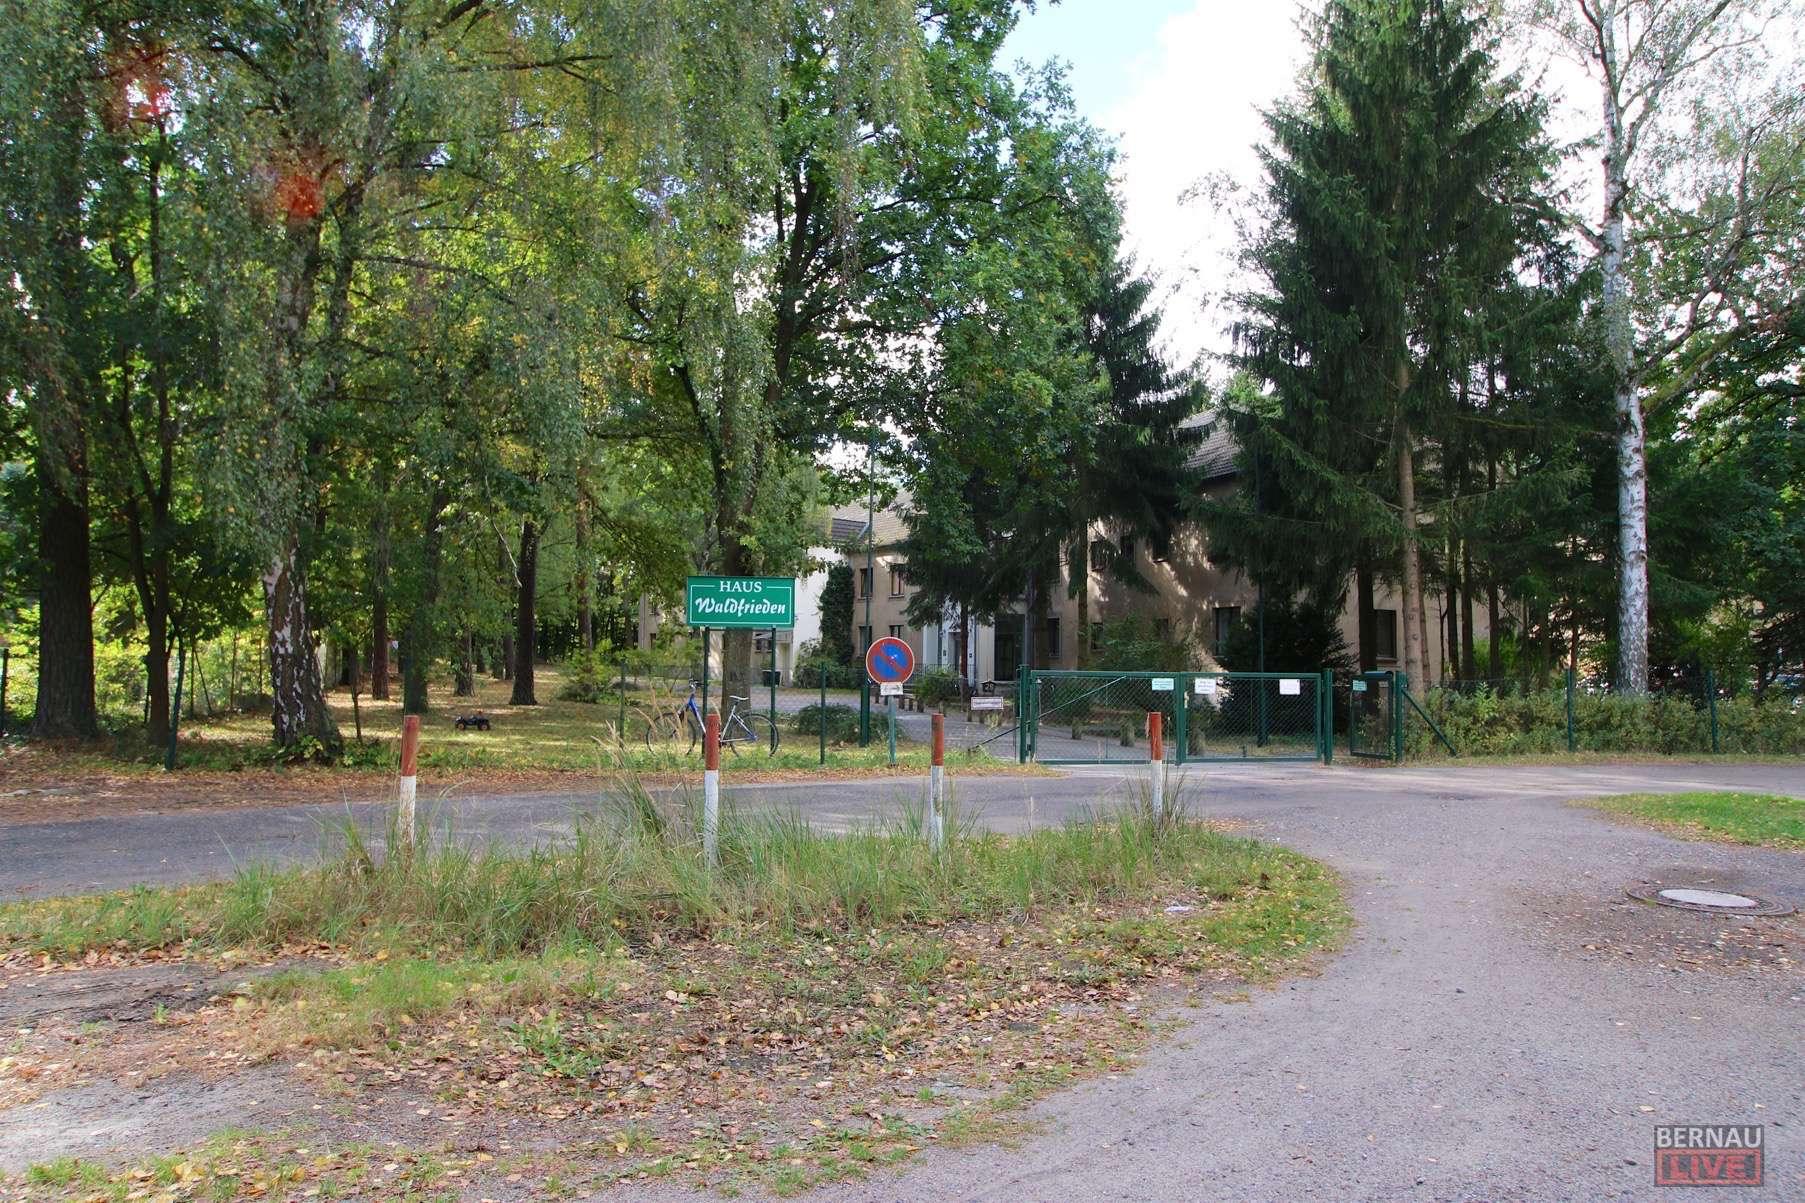 bürgerhaushalt-debatte um neuen spielplatz im Übergangswohnheim